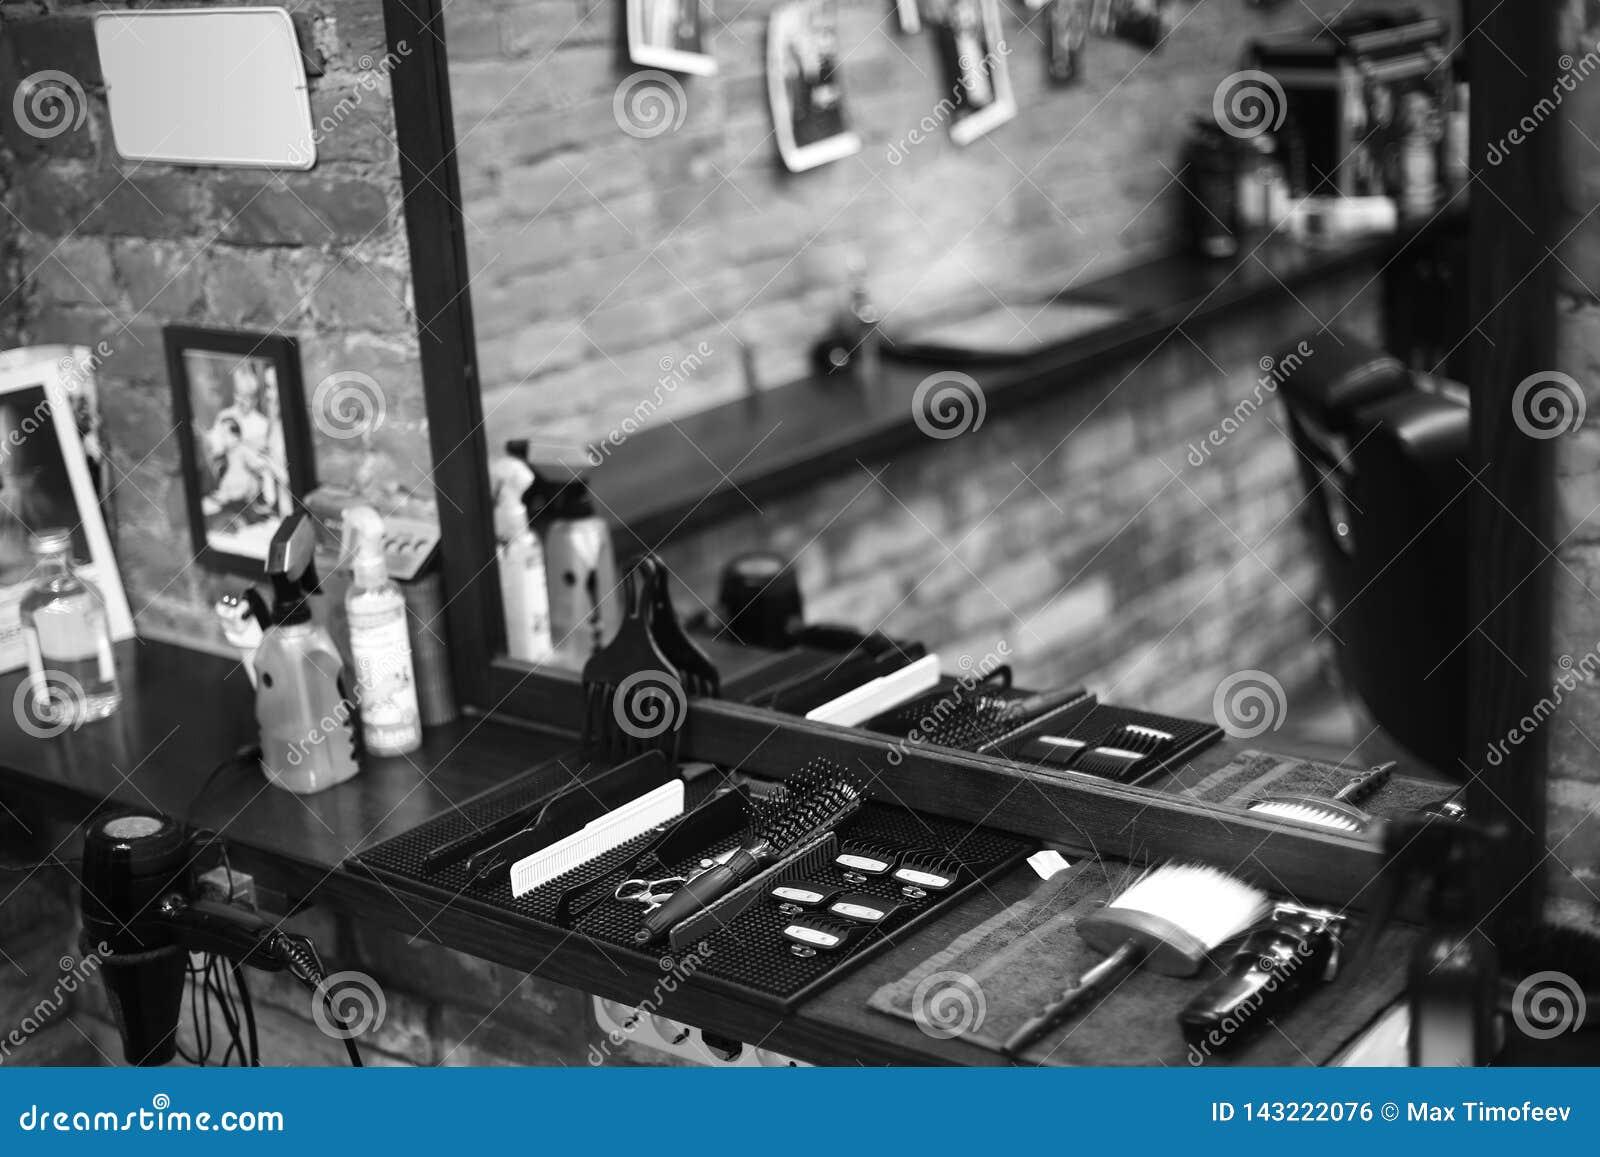 El lugar de trabajo del peluquero Herramientas para un peinado Imagen blanco y negro